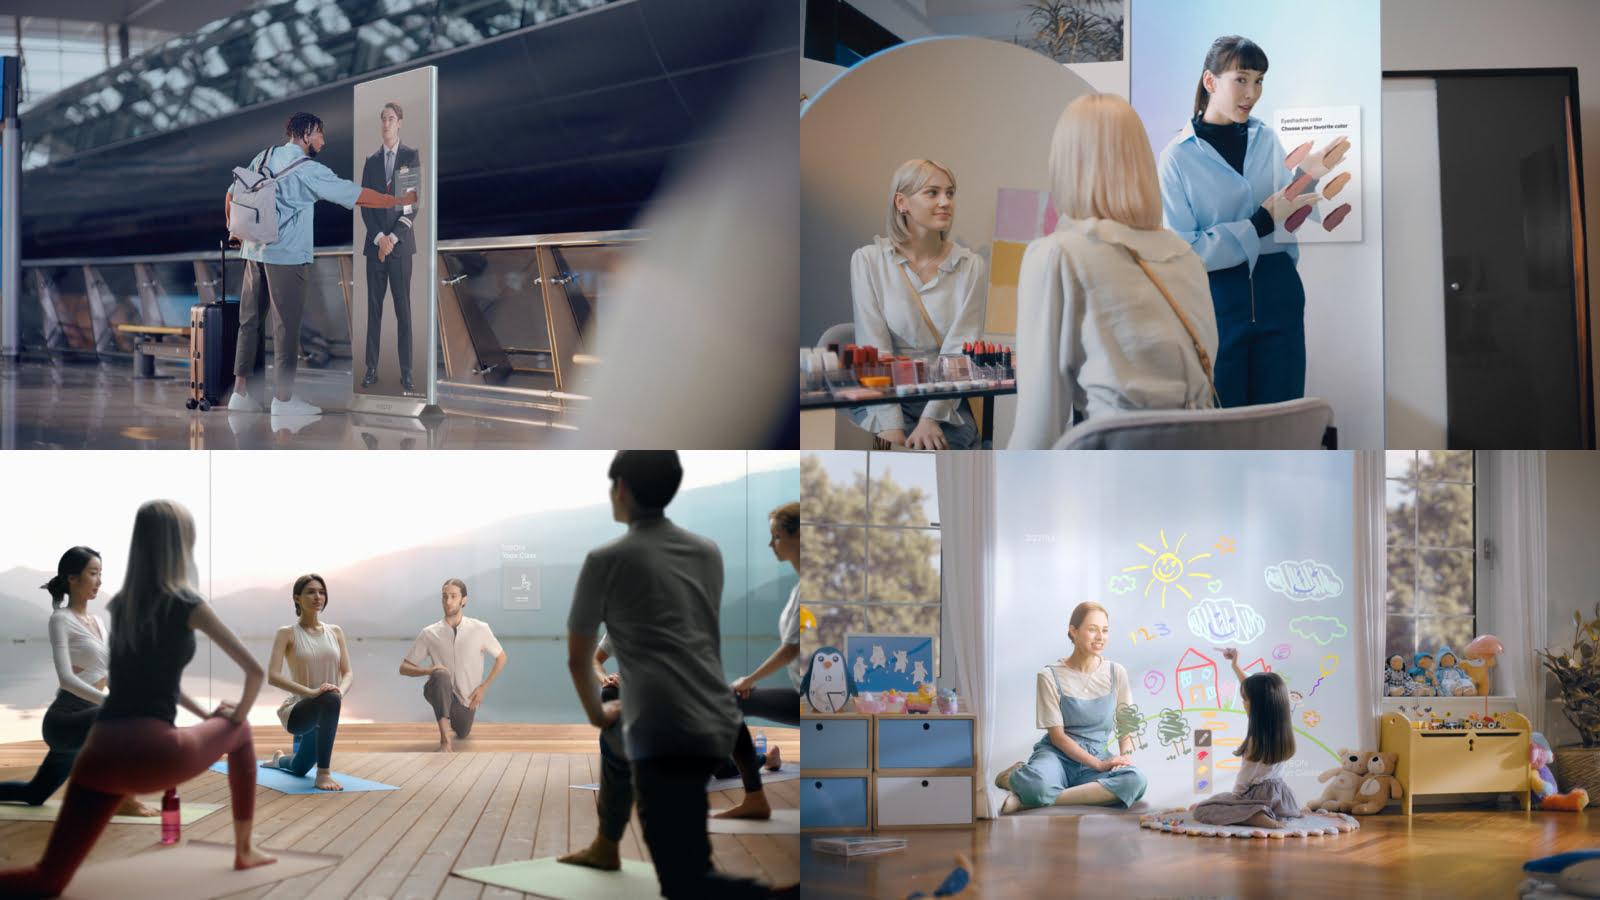 Neon Workforce: Unternehmen sollen digitale Wesen als Angestellte beschäftigen beispielsweise für Yoga-Kurse oder als Servicekraft. | Bild: Neon